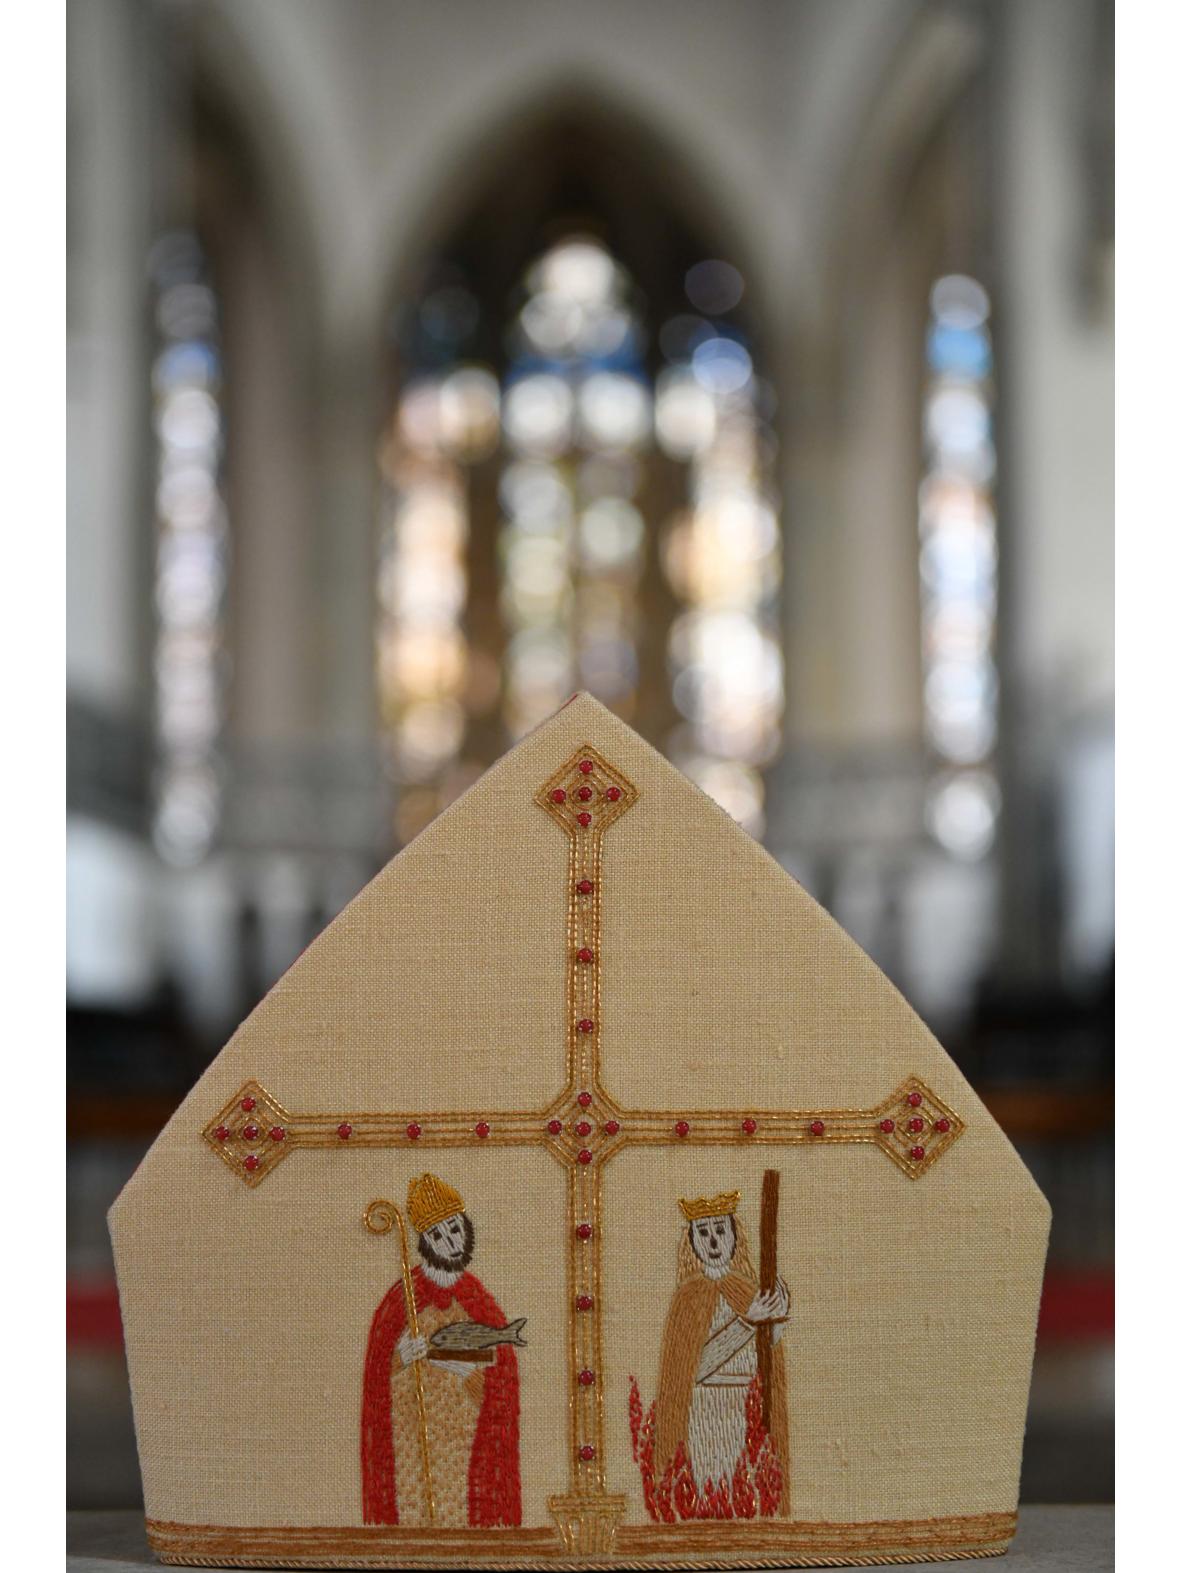 Die Mitra von Bischof Bertram - Vorderseite (Foto: Daniel Jäckel /pba)